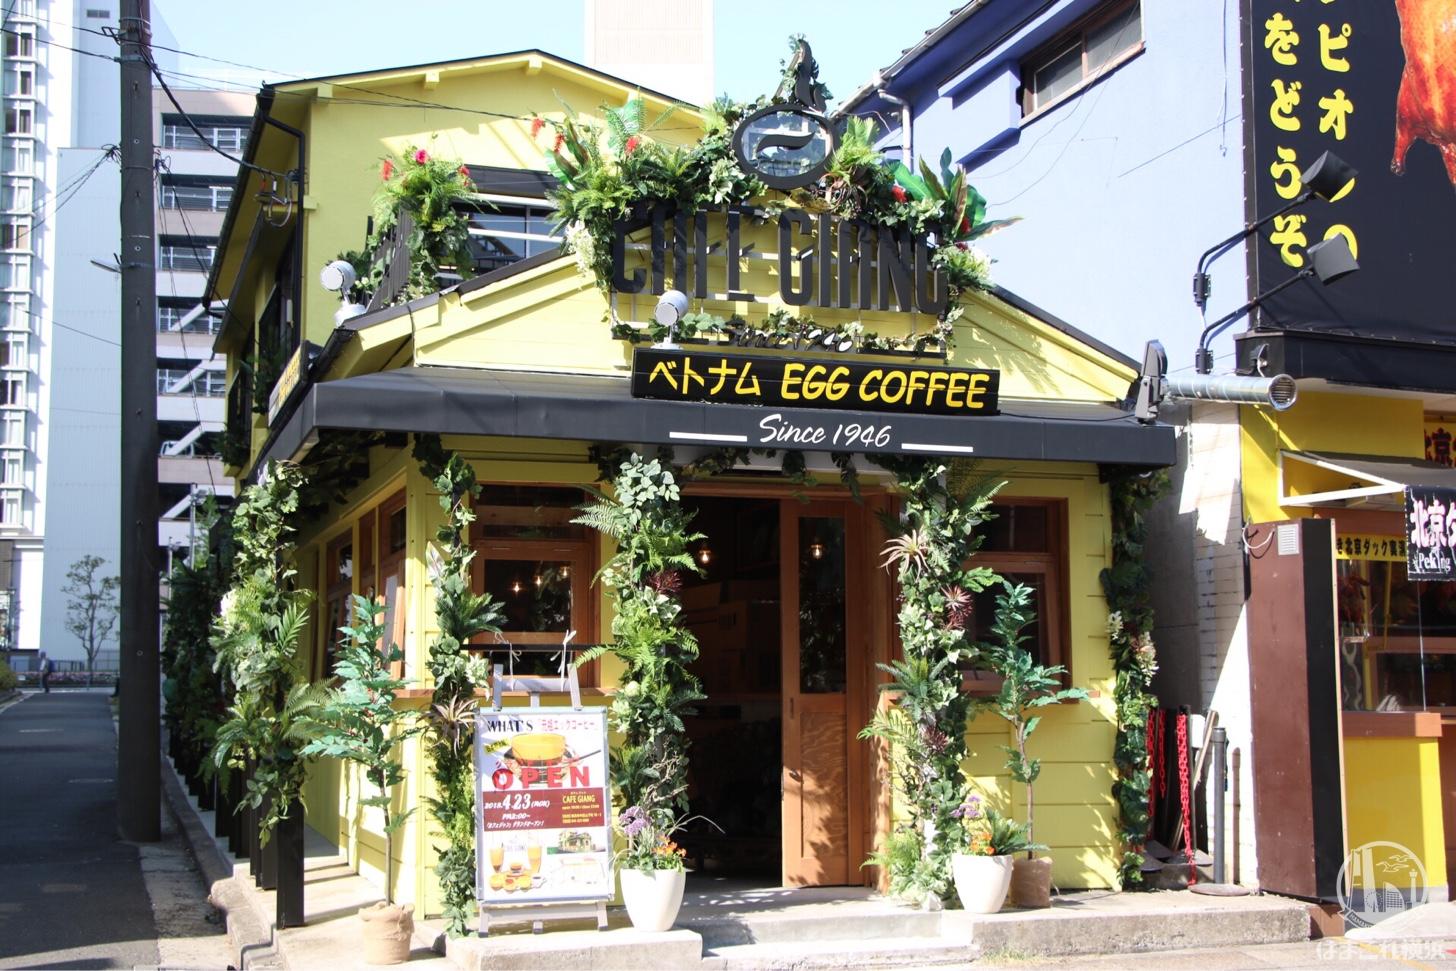 横浜中華街「カフェ ジャン」 外観